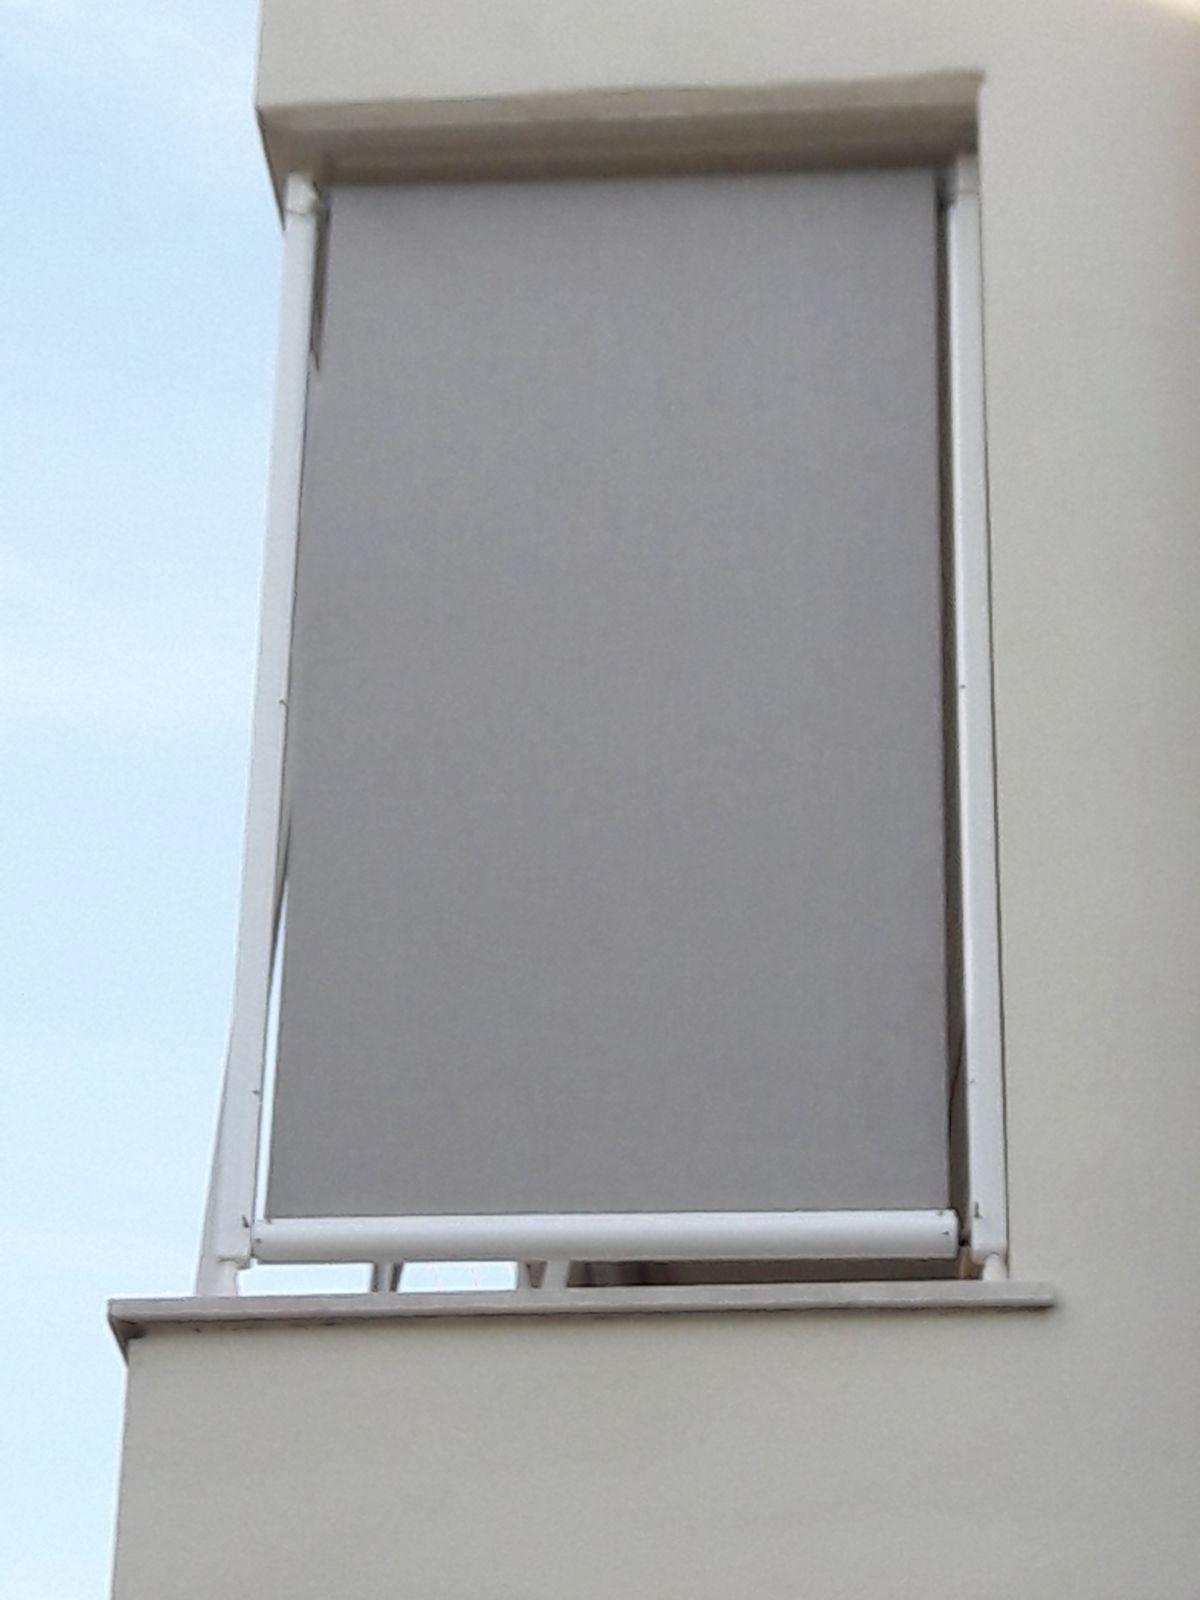 Tende A Rullo Con Guide Laterali Per Esterni.Tenda A Caduta Con Guide Laterali Colore Grigio Terrazzo